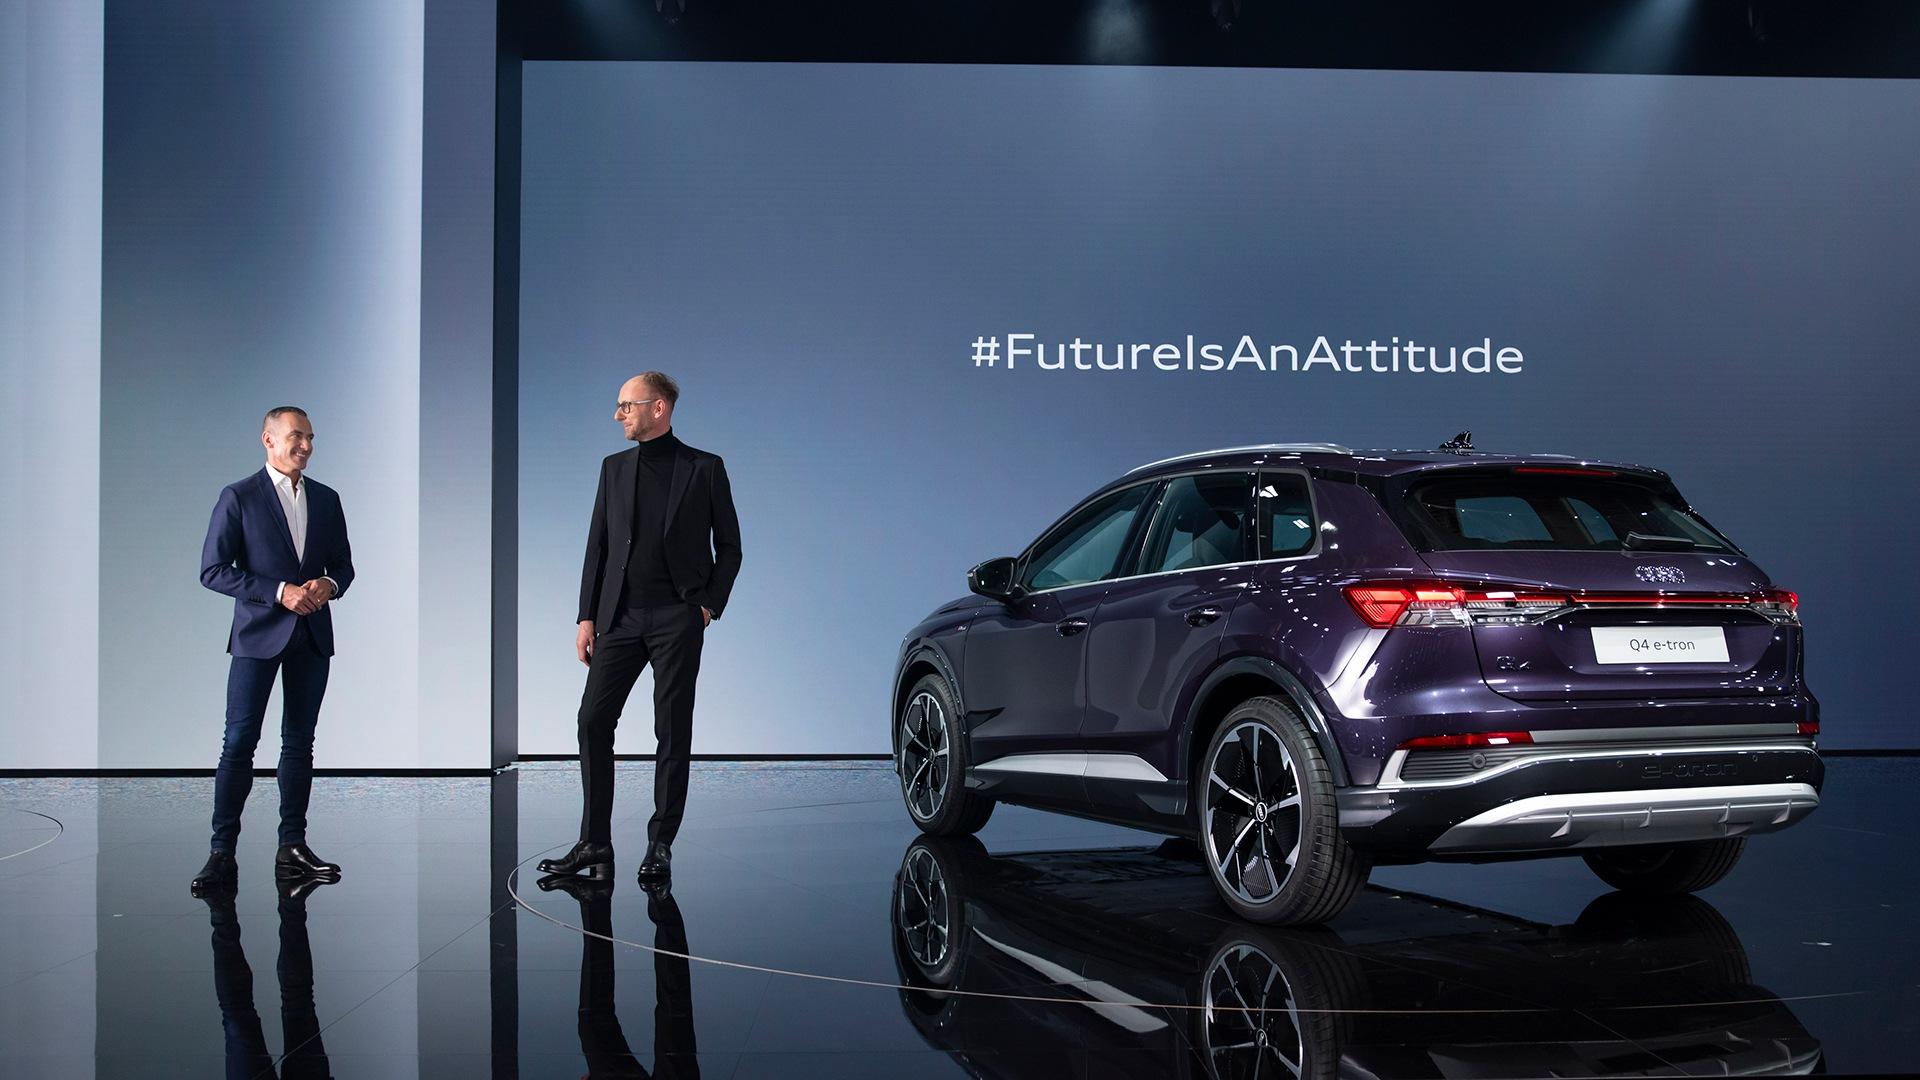 Henrik Wenders, starejši podpredsednik znamke Audi in vodja oblikovanja Marc Lichte sta govorila o naprednem in edinstvenem oblikovanju Audija Q4 e-tron.